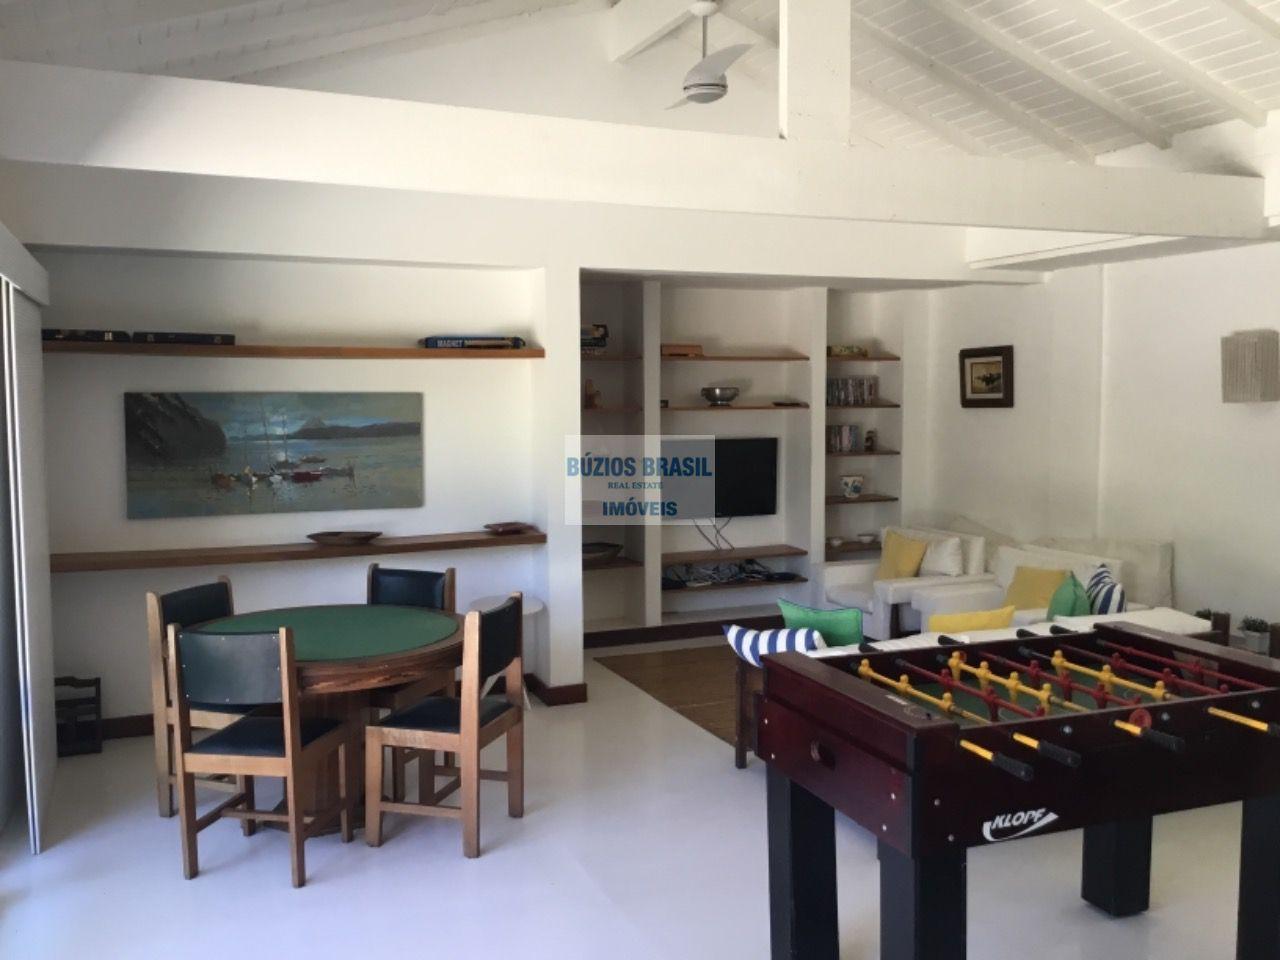 Casa 7 quartos para alugar Ferradura, Ferradura 70m Praia,Armação dos Búzios - LTFR1 - 39